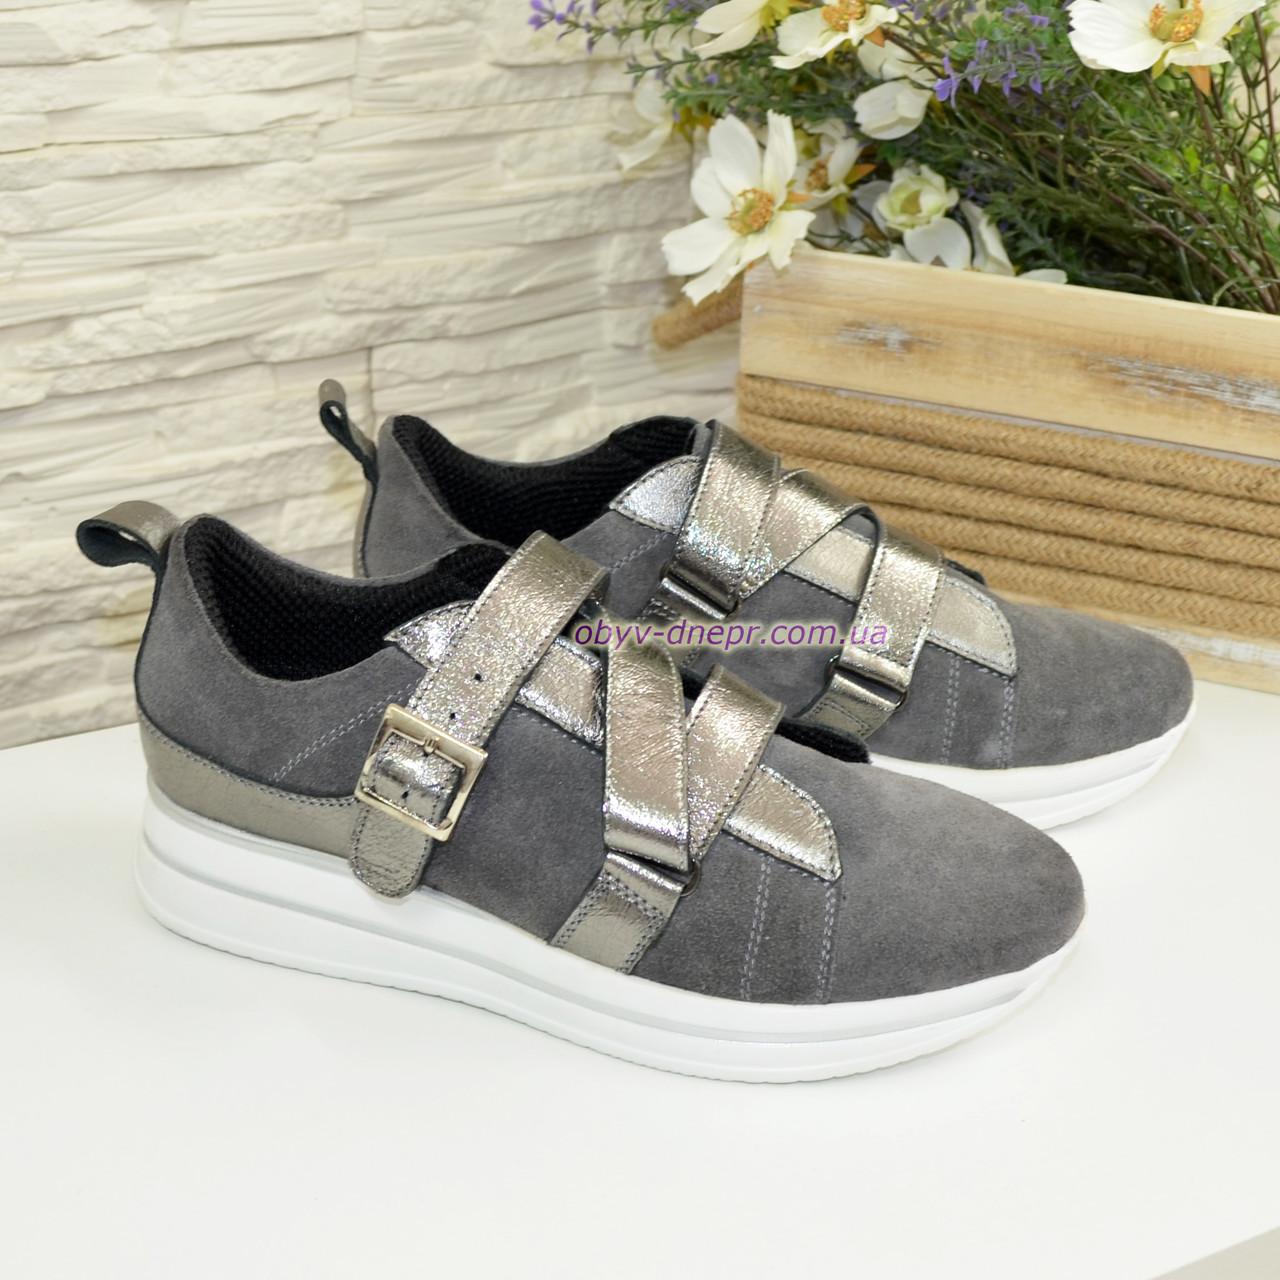 Женские стильные кроссовки, натуральная замша серого цвета и кожа цвет платина